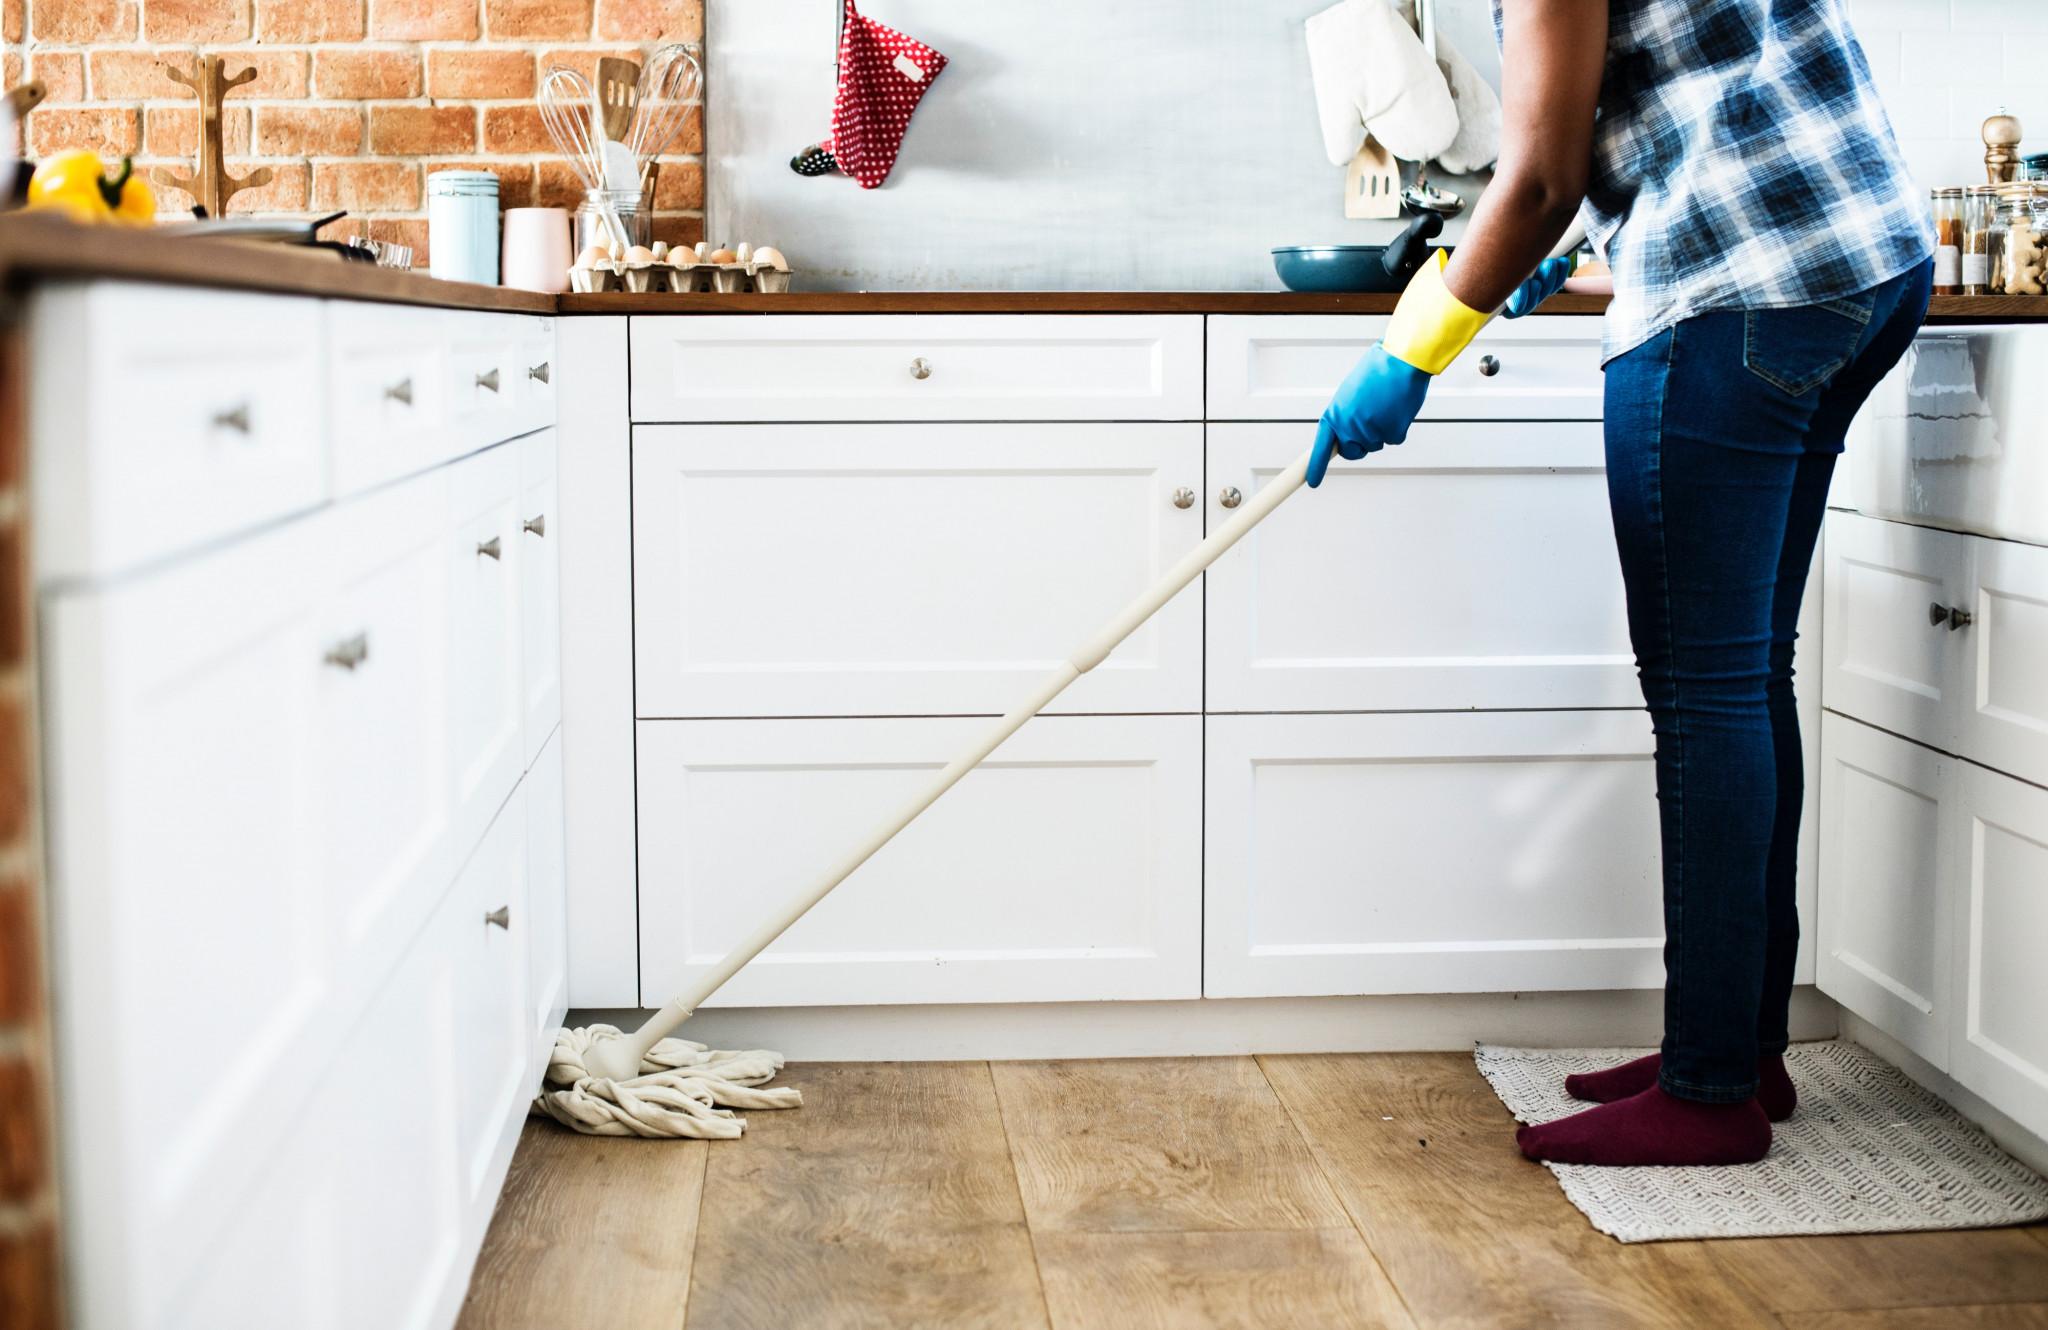 curățenie mai sănătoasă